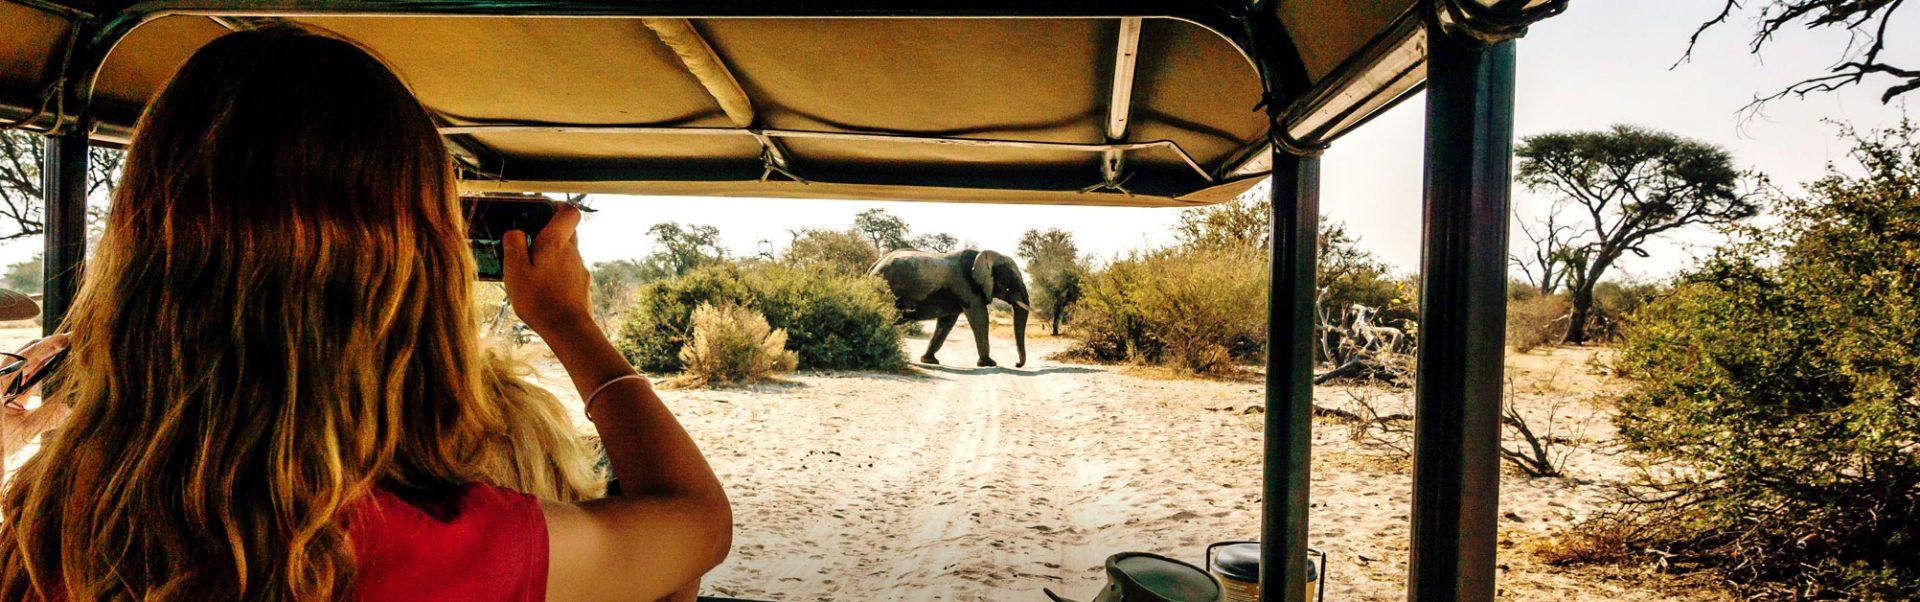 Familien-Safari bei Namibia Reise mit erlebe